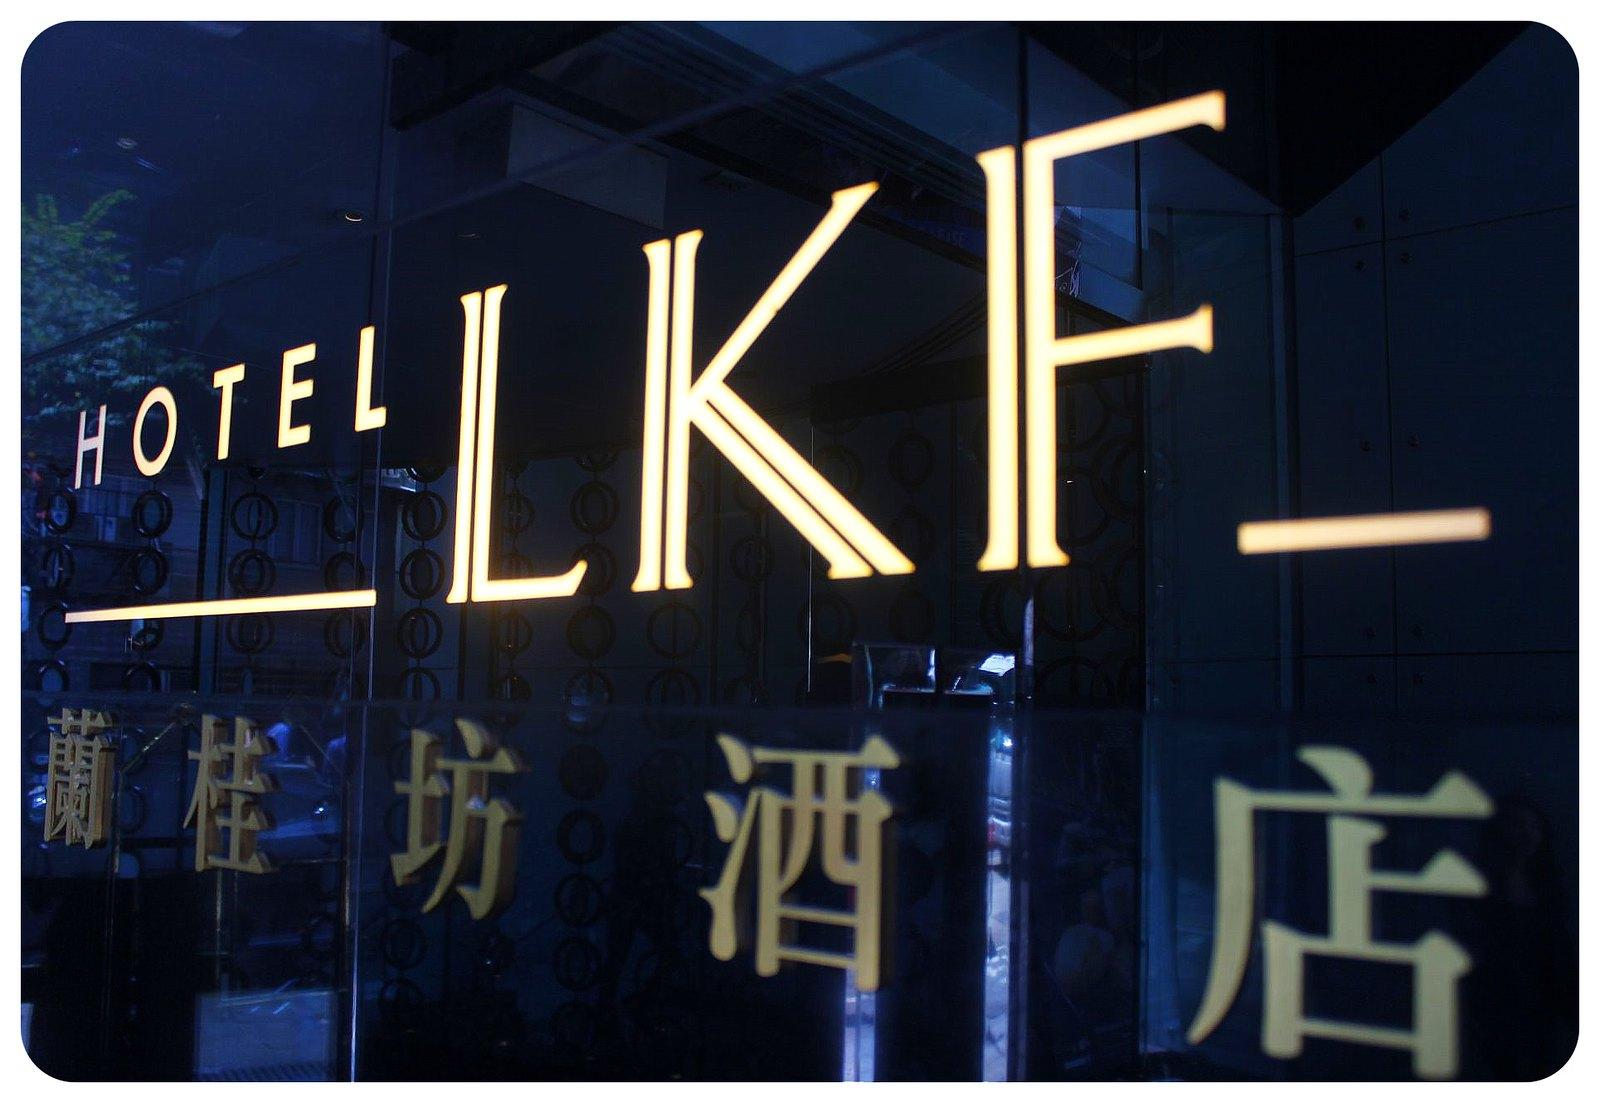 LKF hotel Hong Kong sign